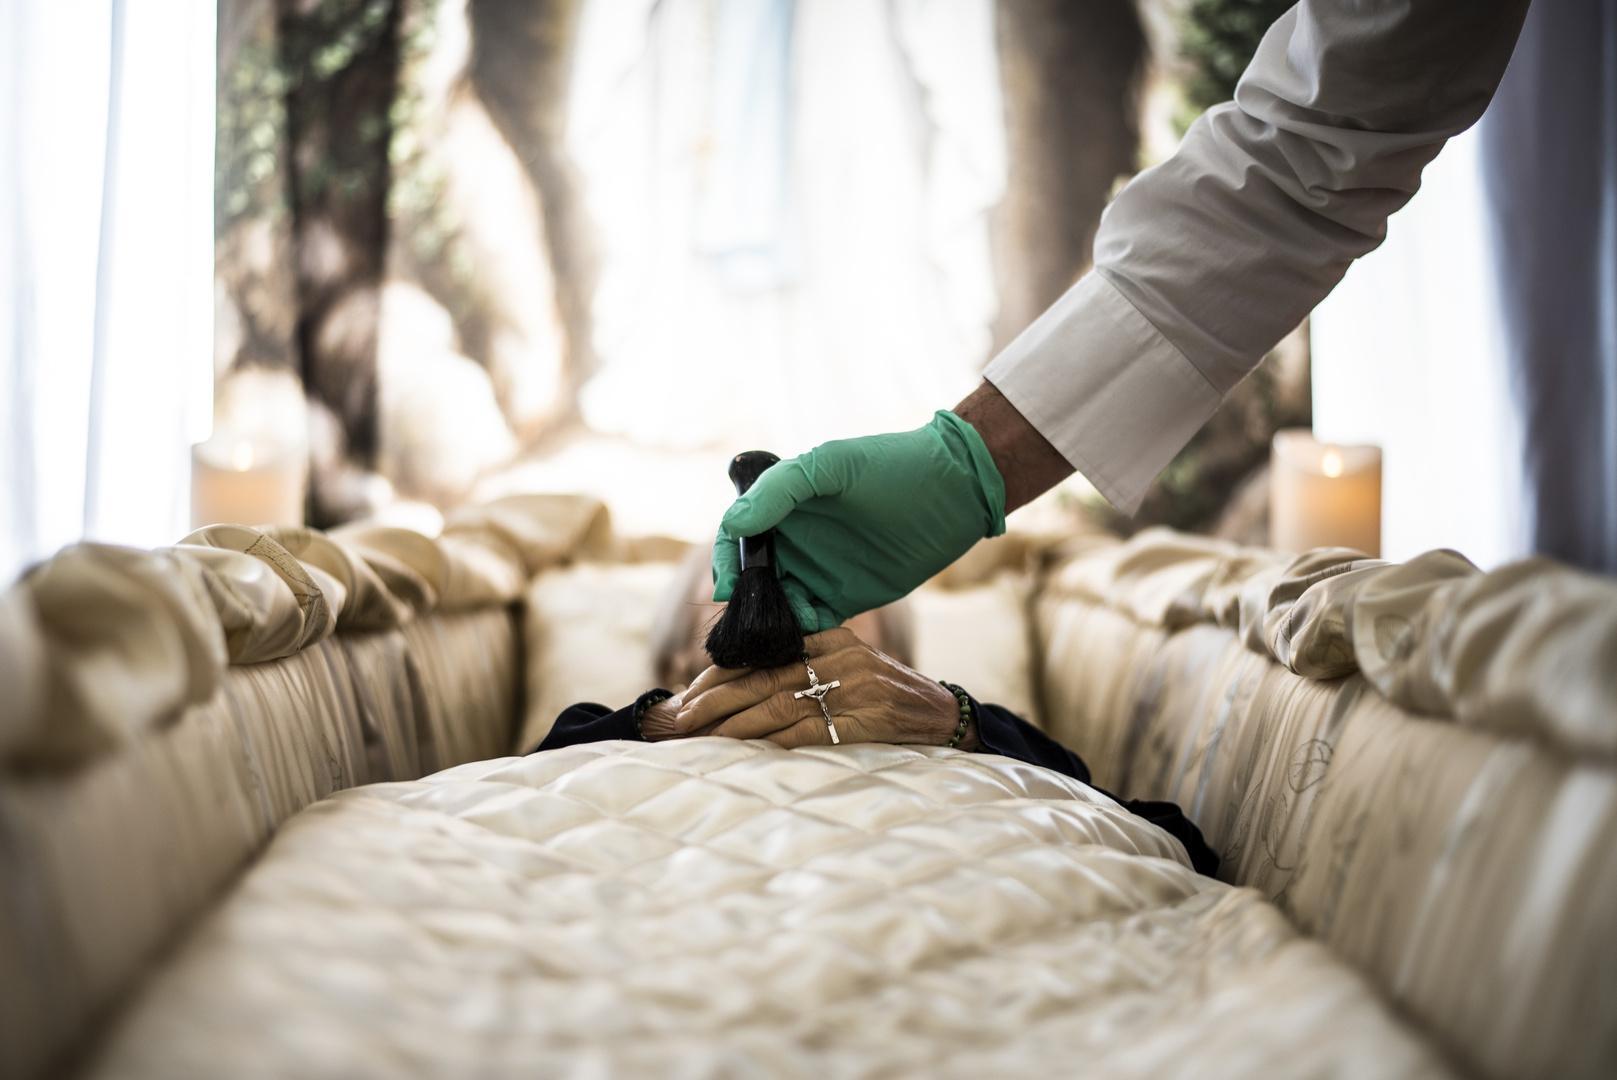 Braço de homem com luva cirúrgica segurando pincel, sobre caixão funerário com corpo de mulher